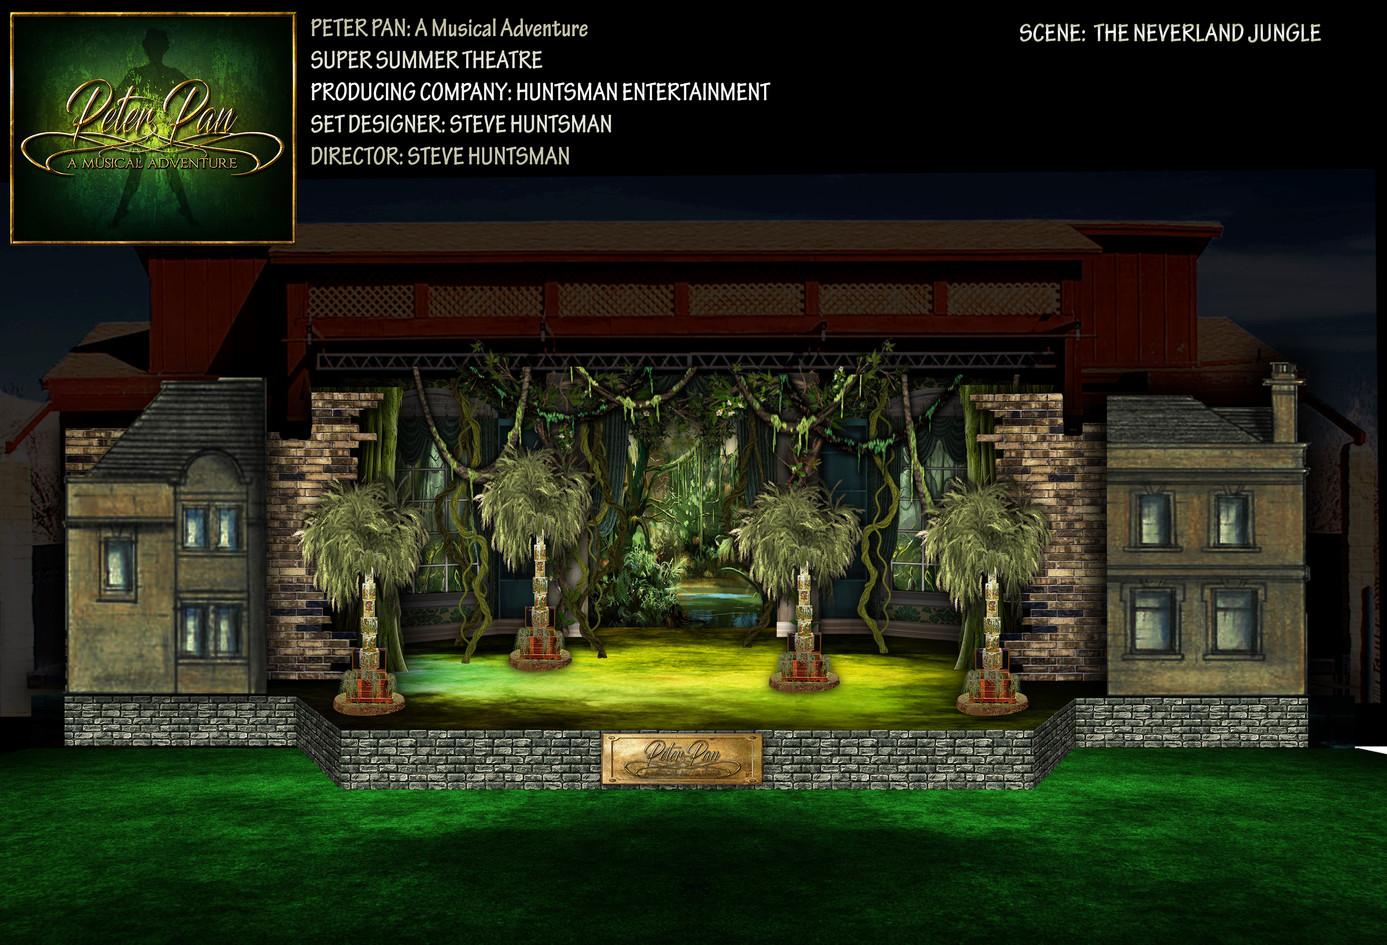 PP Scenic Neverland Jungle.jpg